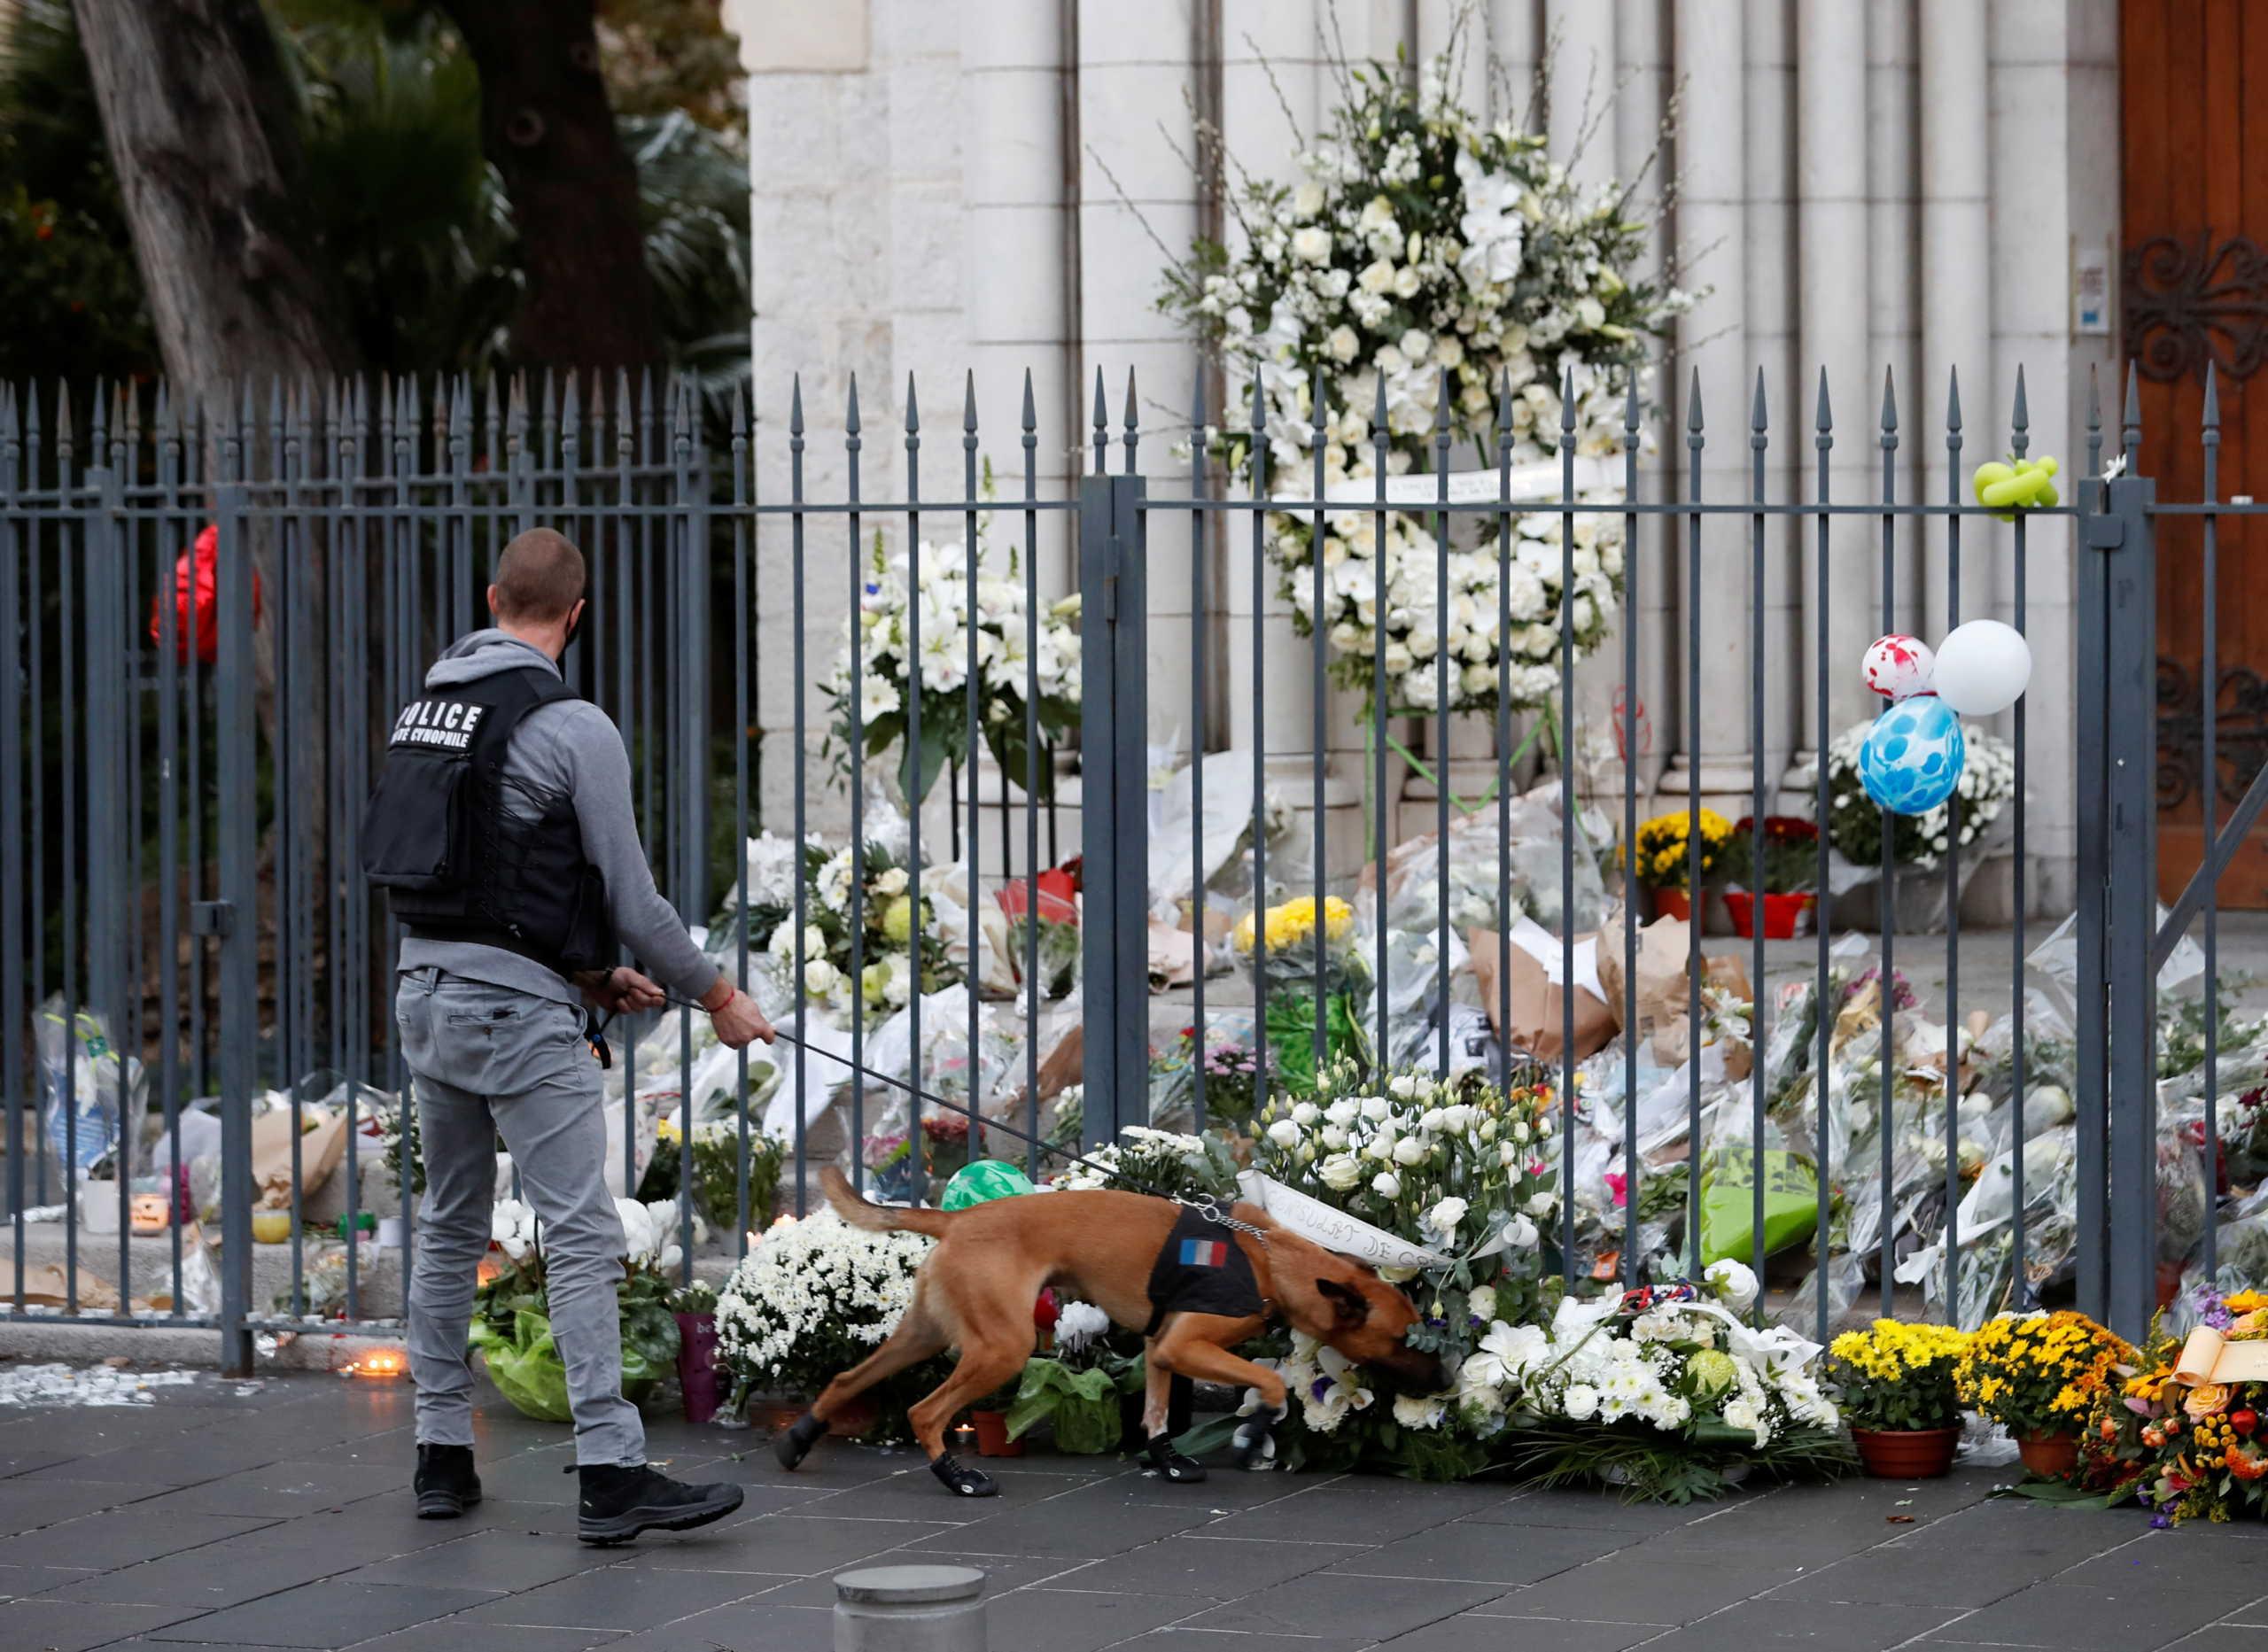 Επίθεση στη Νίκαια της Γαλλίας: Τρεις άνδρες αφέθηκαν ελεύθεροι – Ανακρίθηκε Τυνήσιος που έφθασε στη χώρα μαζί με τον δράστη